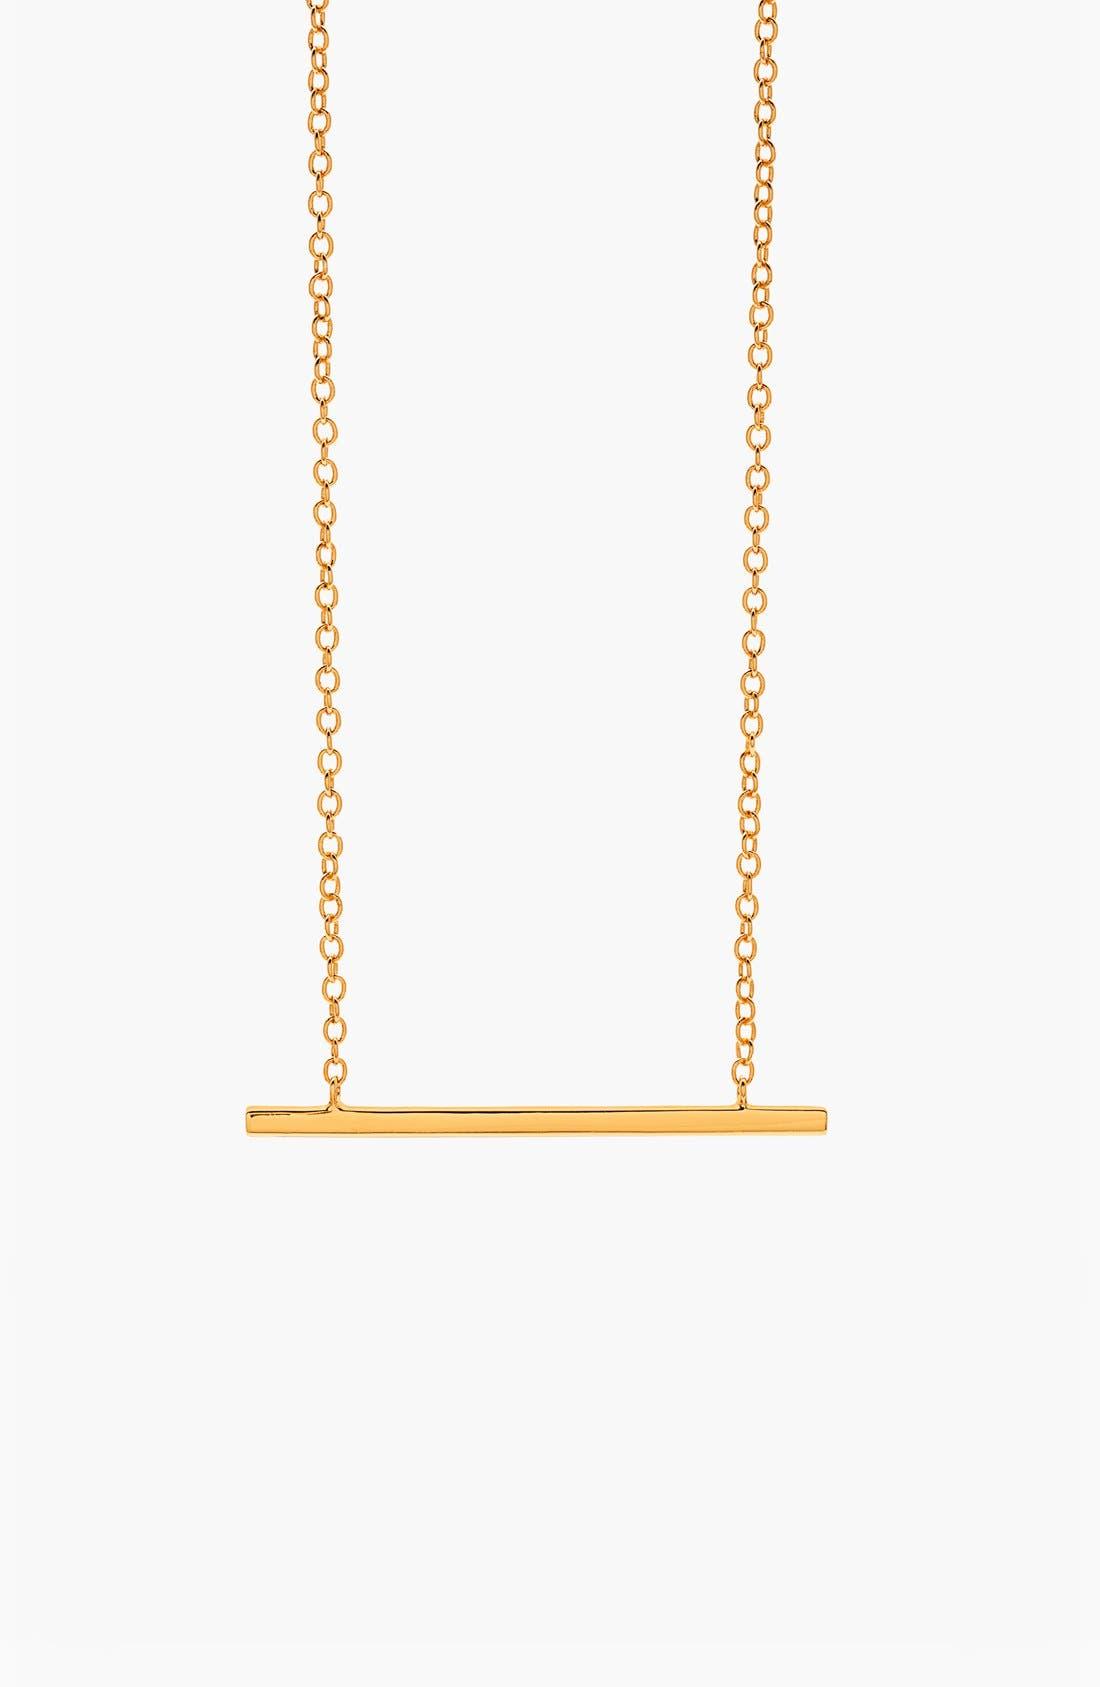 Main Image - gorjana 'Mave' Bar Pendant Necklace